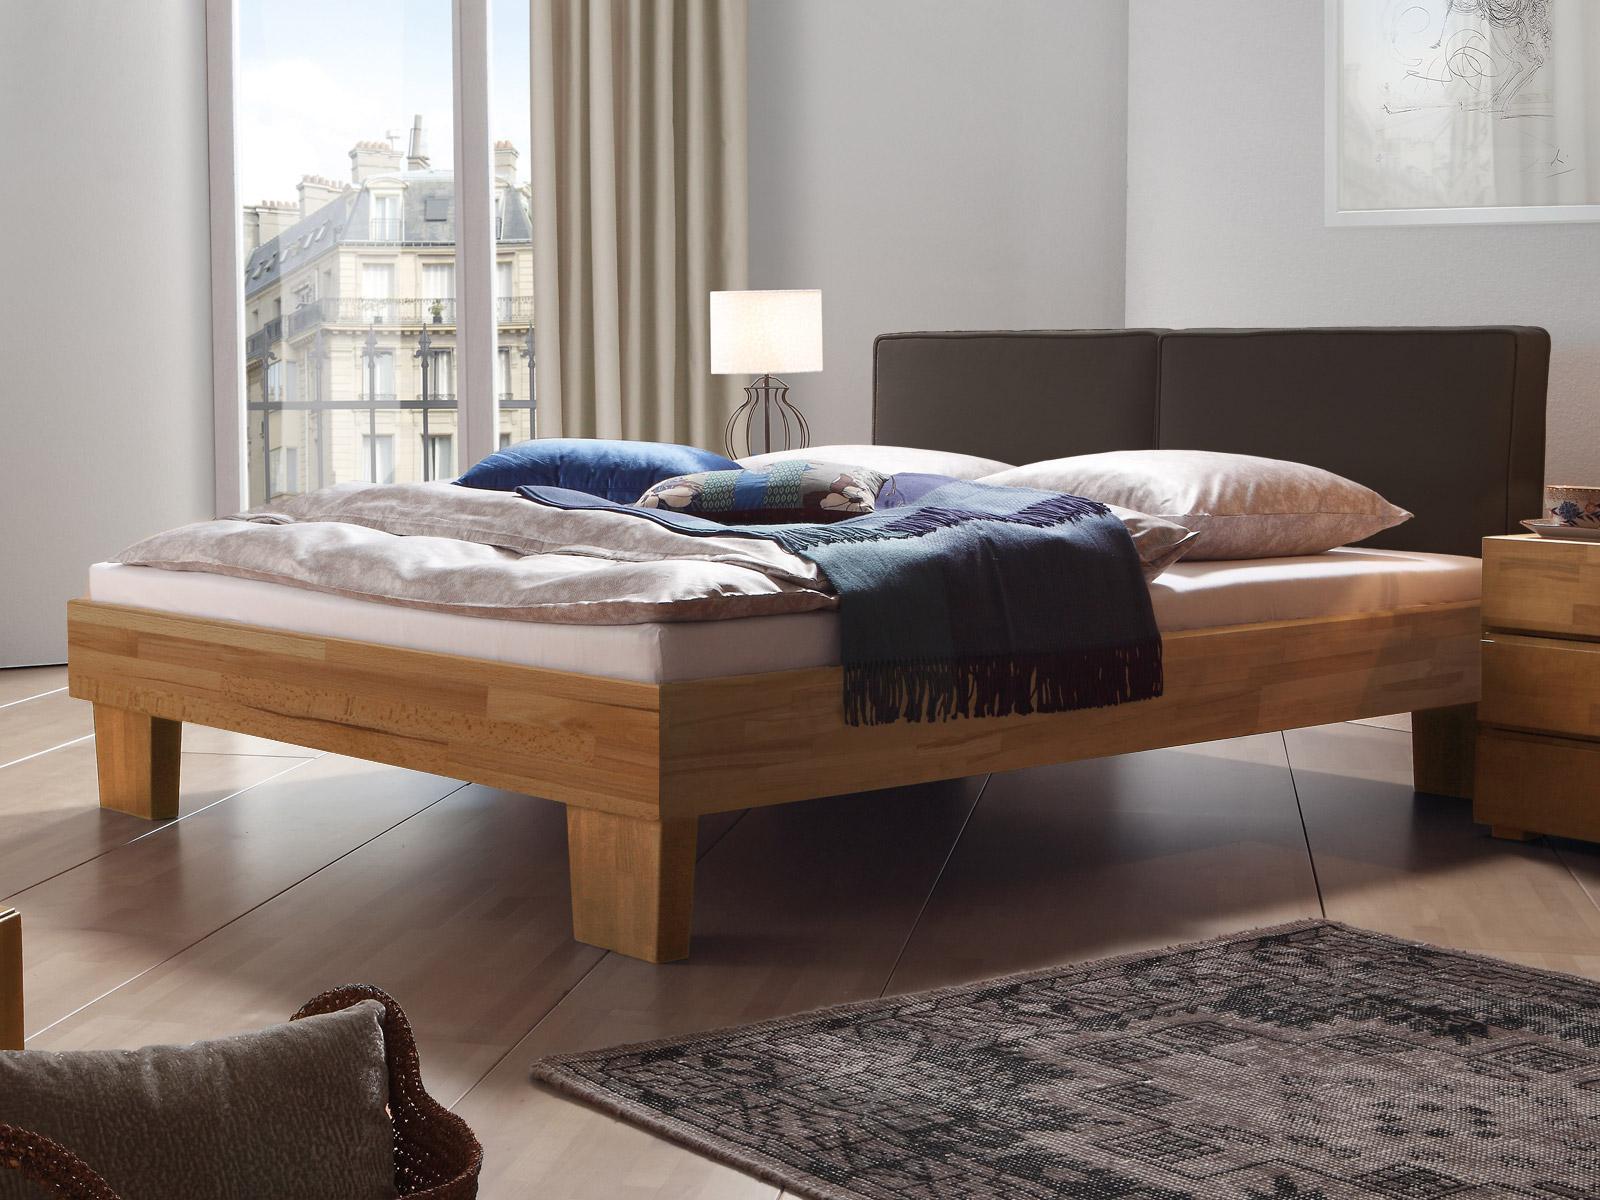 doppelbett massivholz mit kopfteil aus webstoff mit leinen. Black Bedroom Furniture Sets. Home Design Ideas